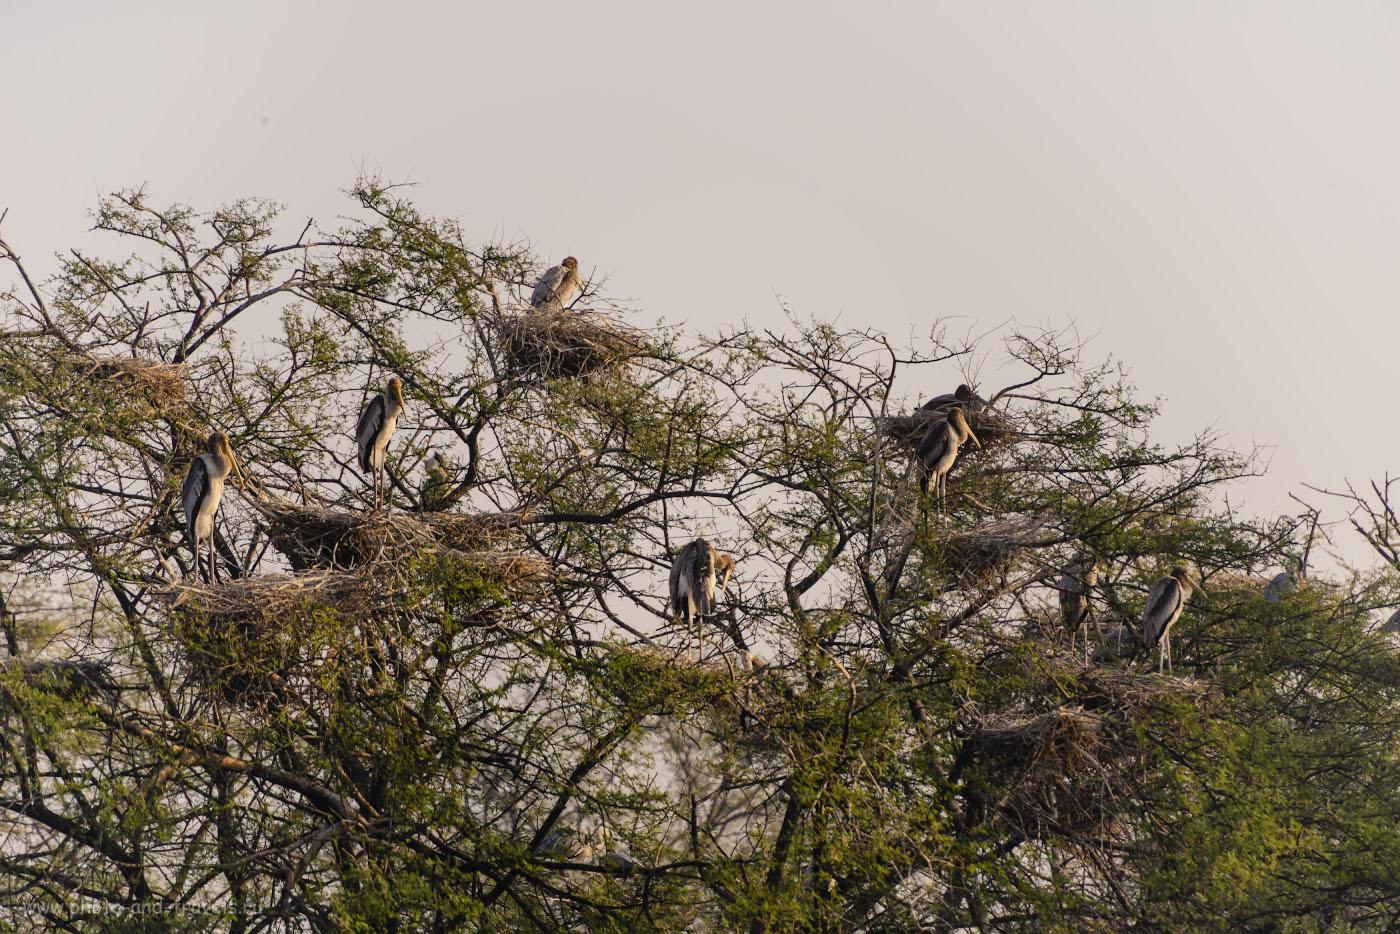 Снимок 21. Индийские клювачи. Фотоохота в парке Кеоладео. 1/1250, 4.0, 220, 280.